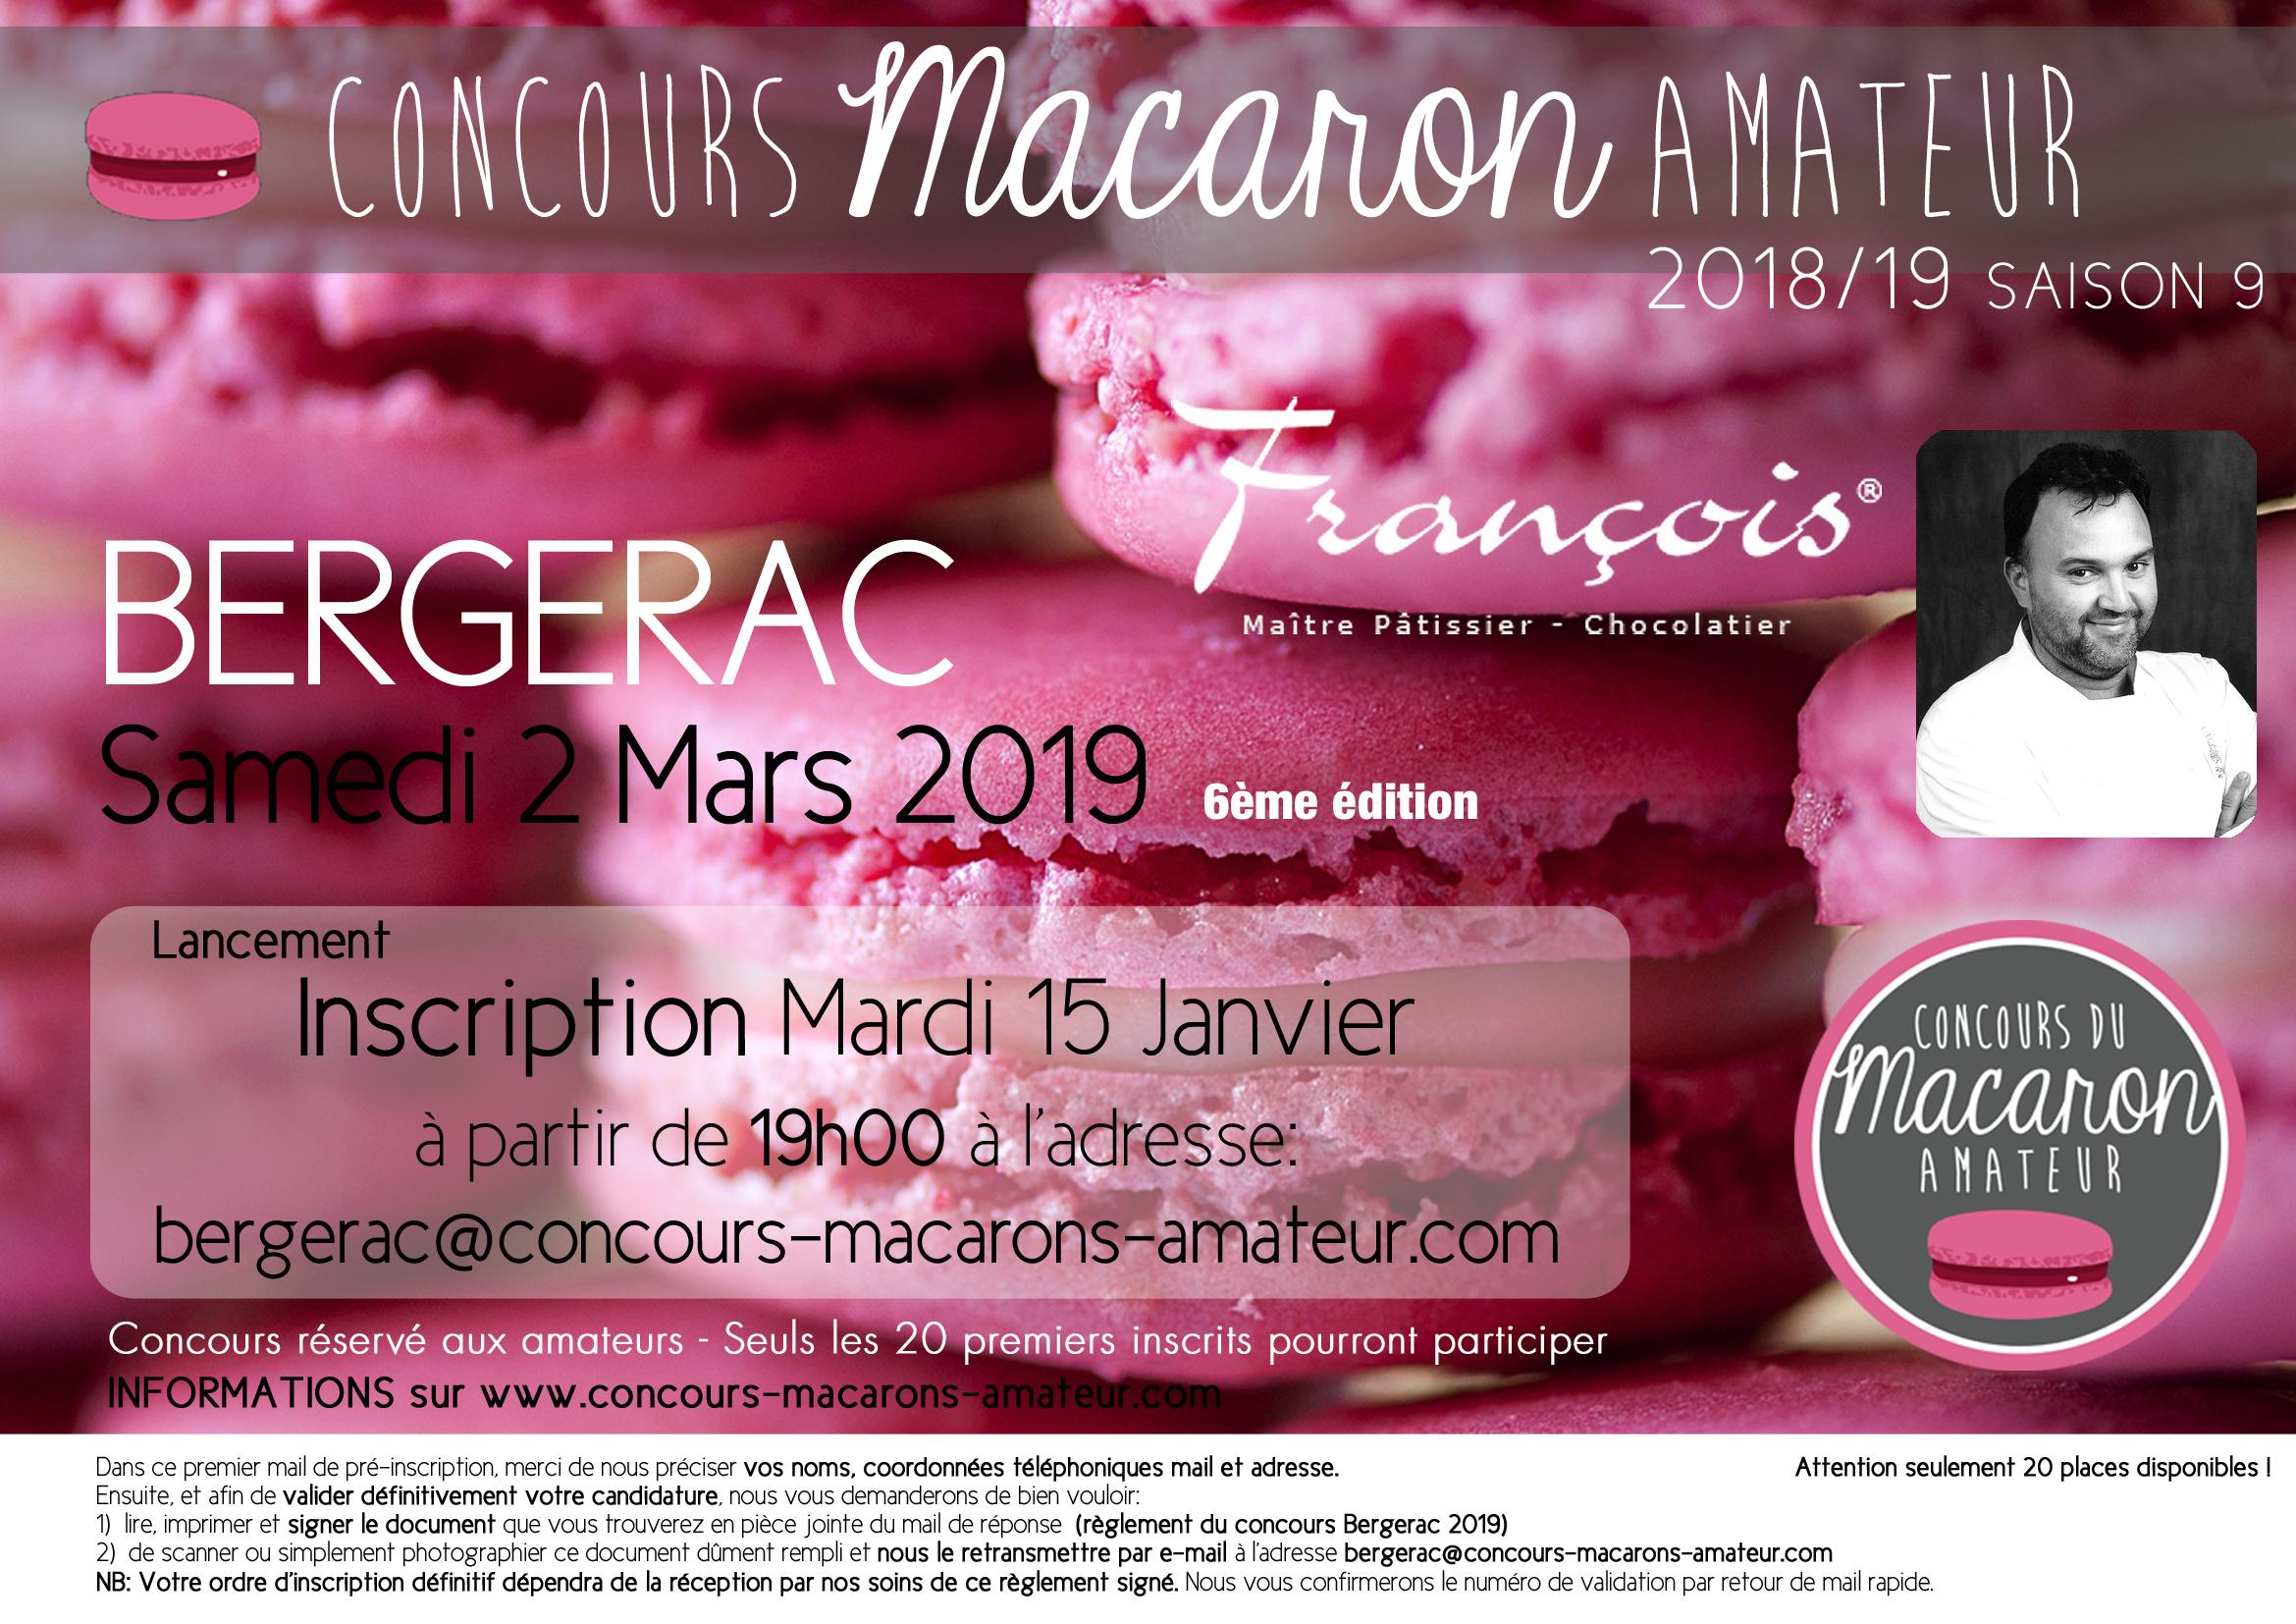 Affiche A4 Bergerac